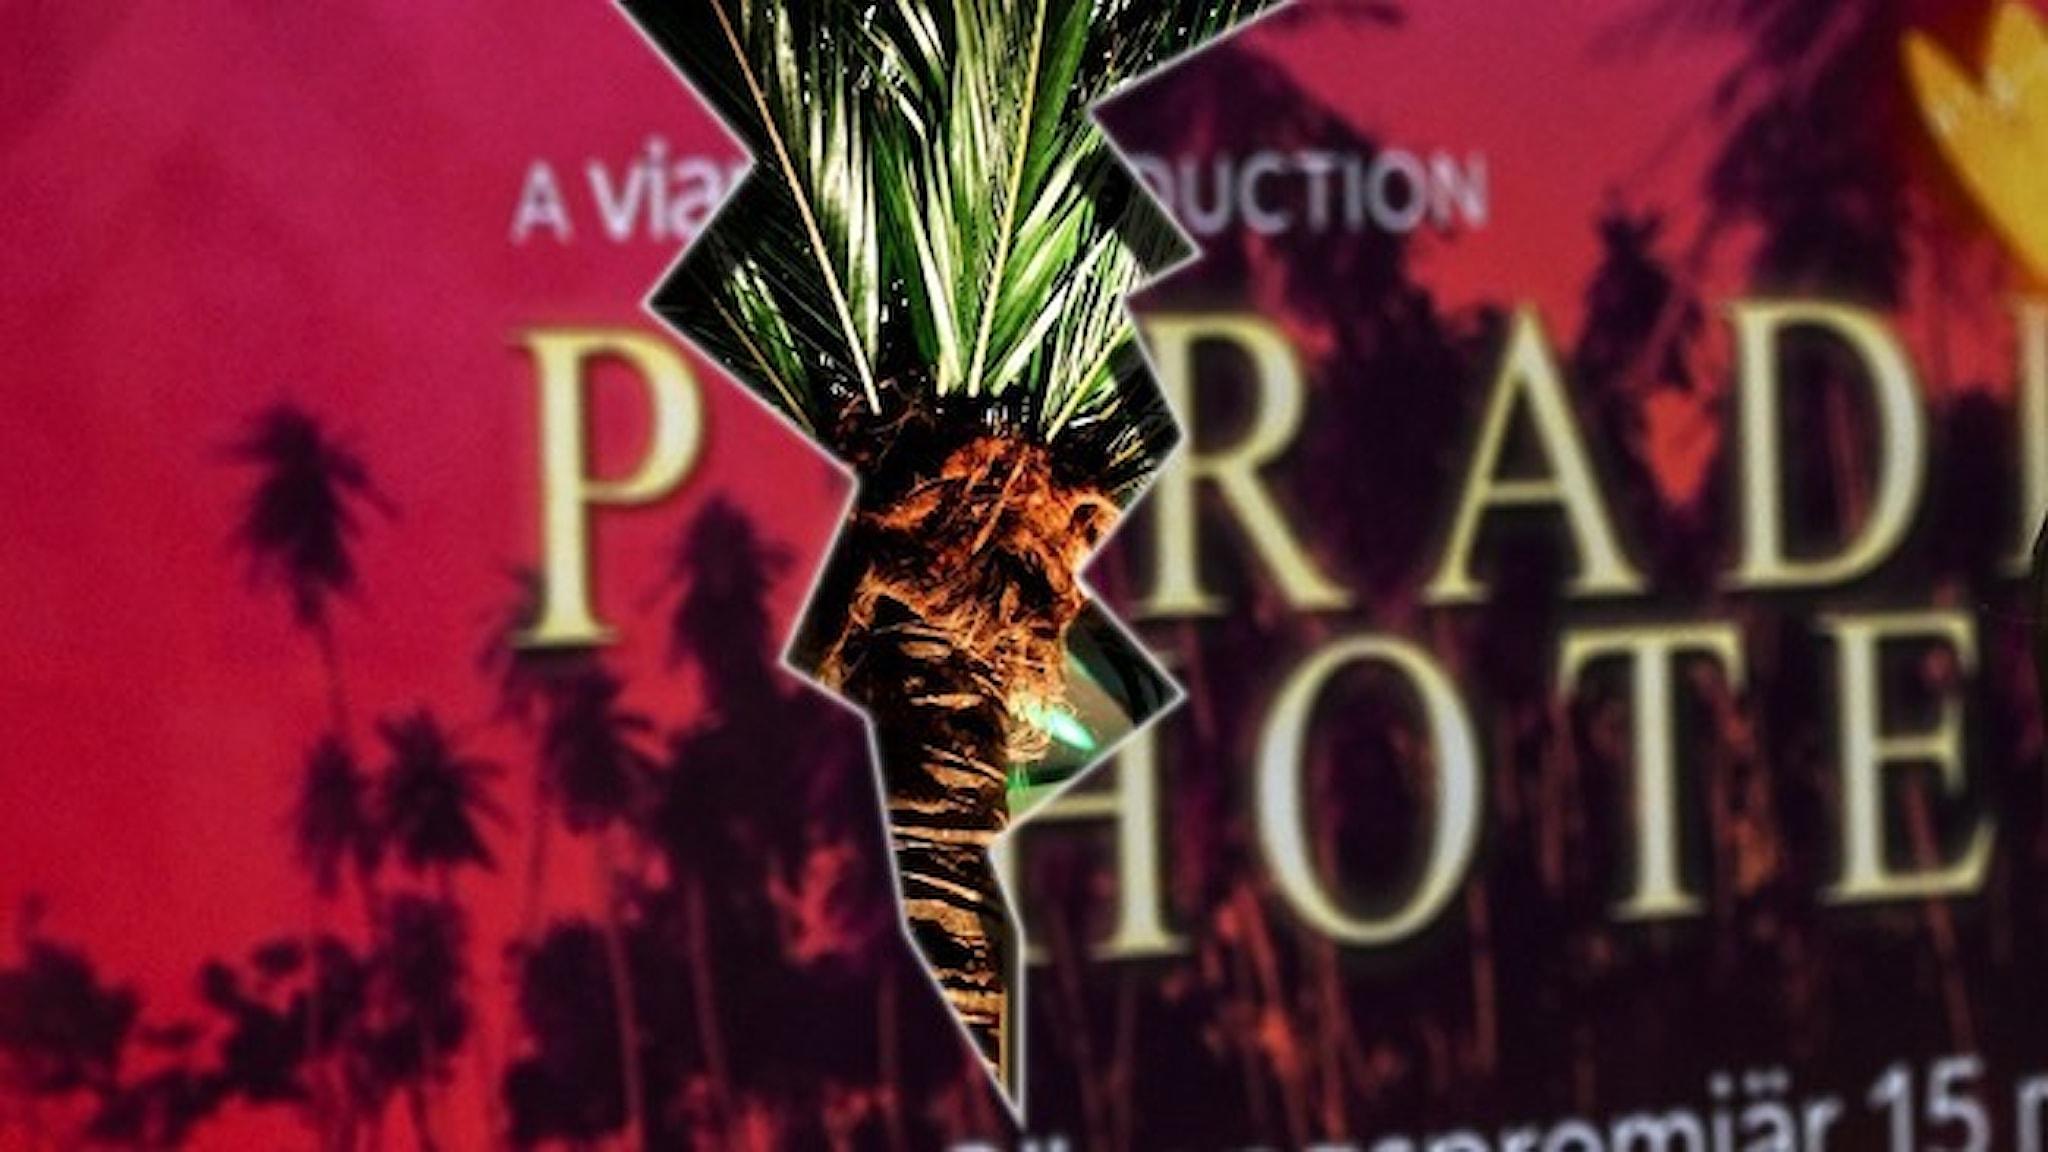 En affisch för dokusåpan Paradise hotel med en spricka rakt igenom.